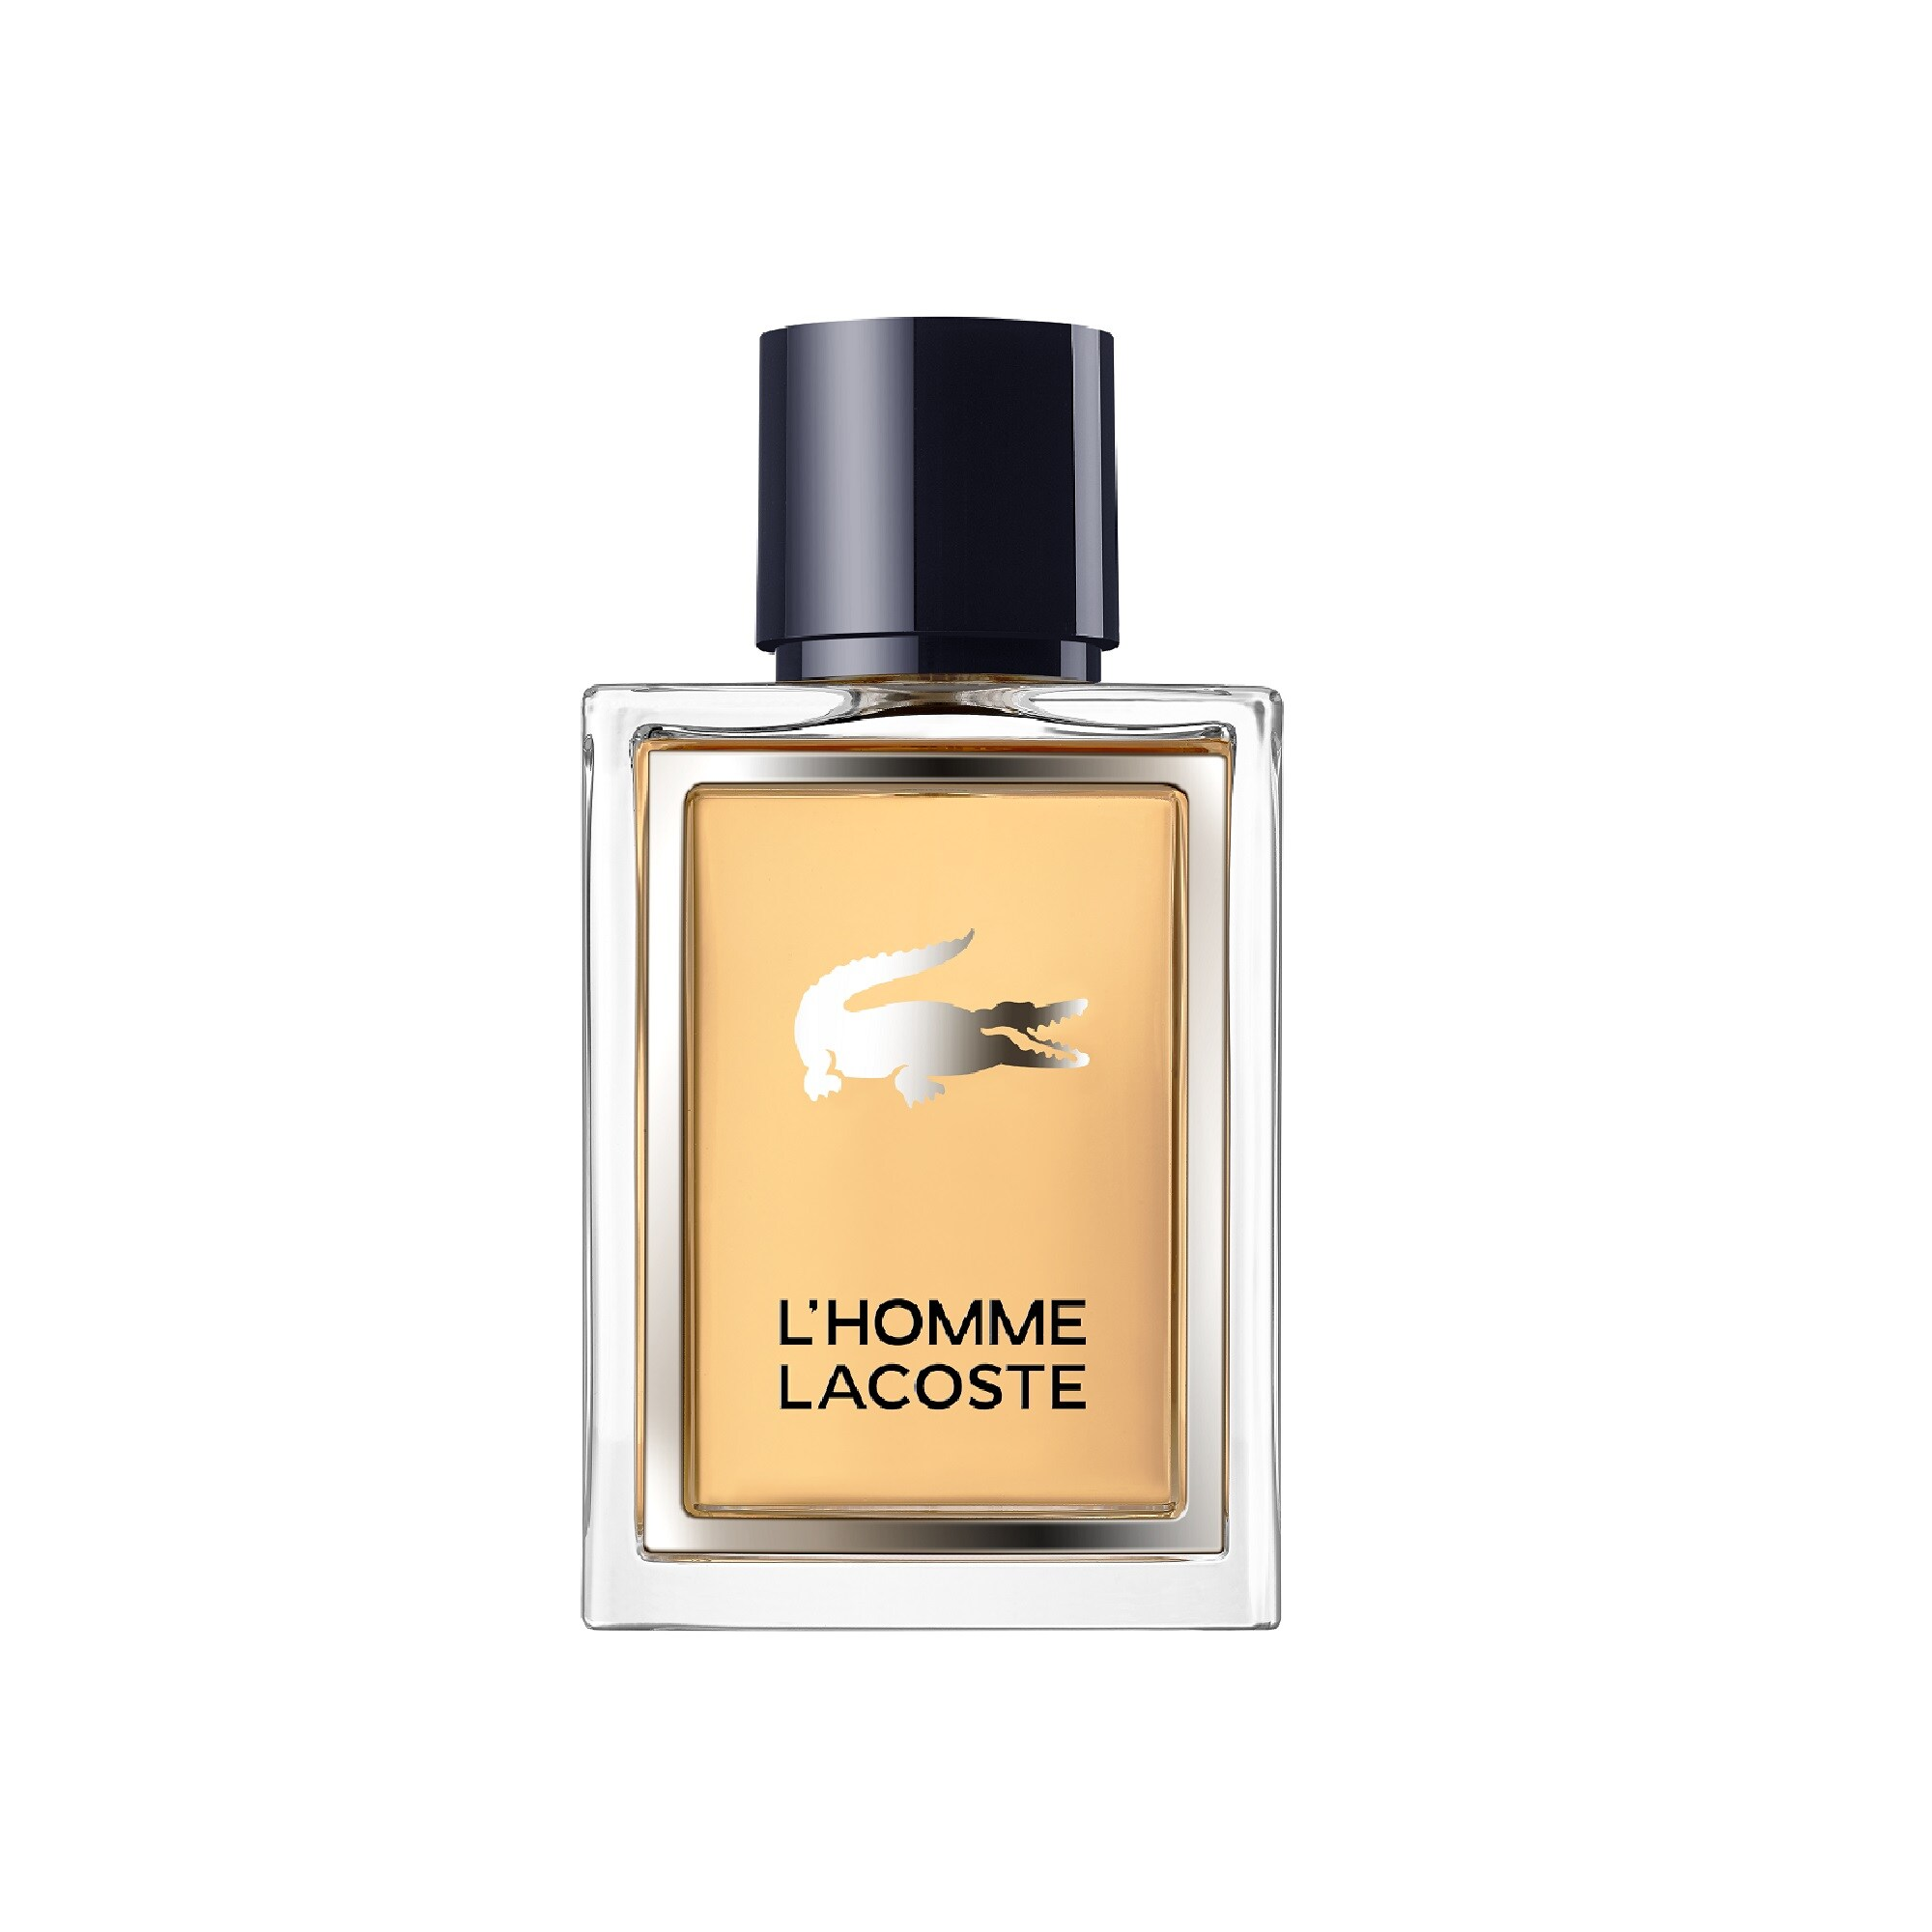 myynti verkossa koko 40 valtava valikoima Perfumes, Fragrances for Men & Women | LACOSTE